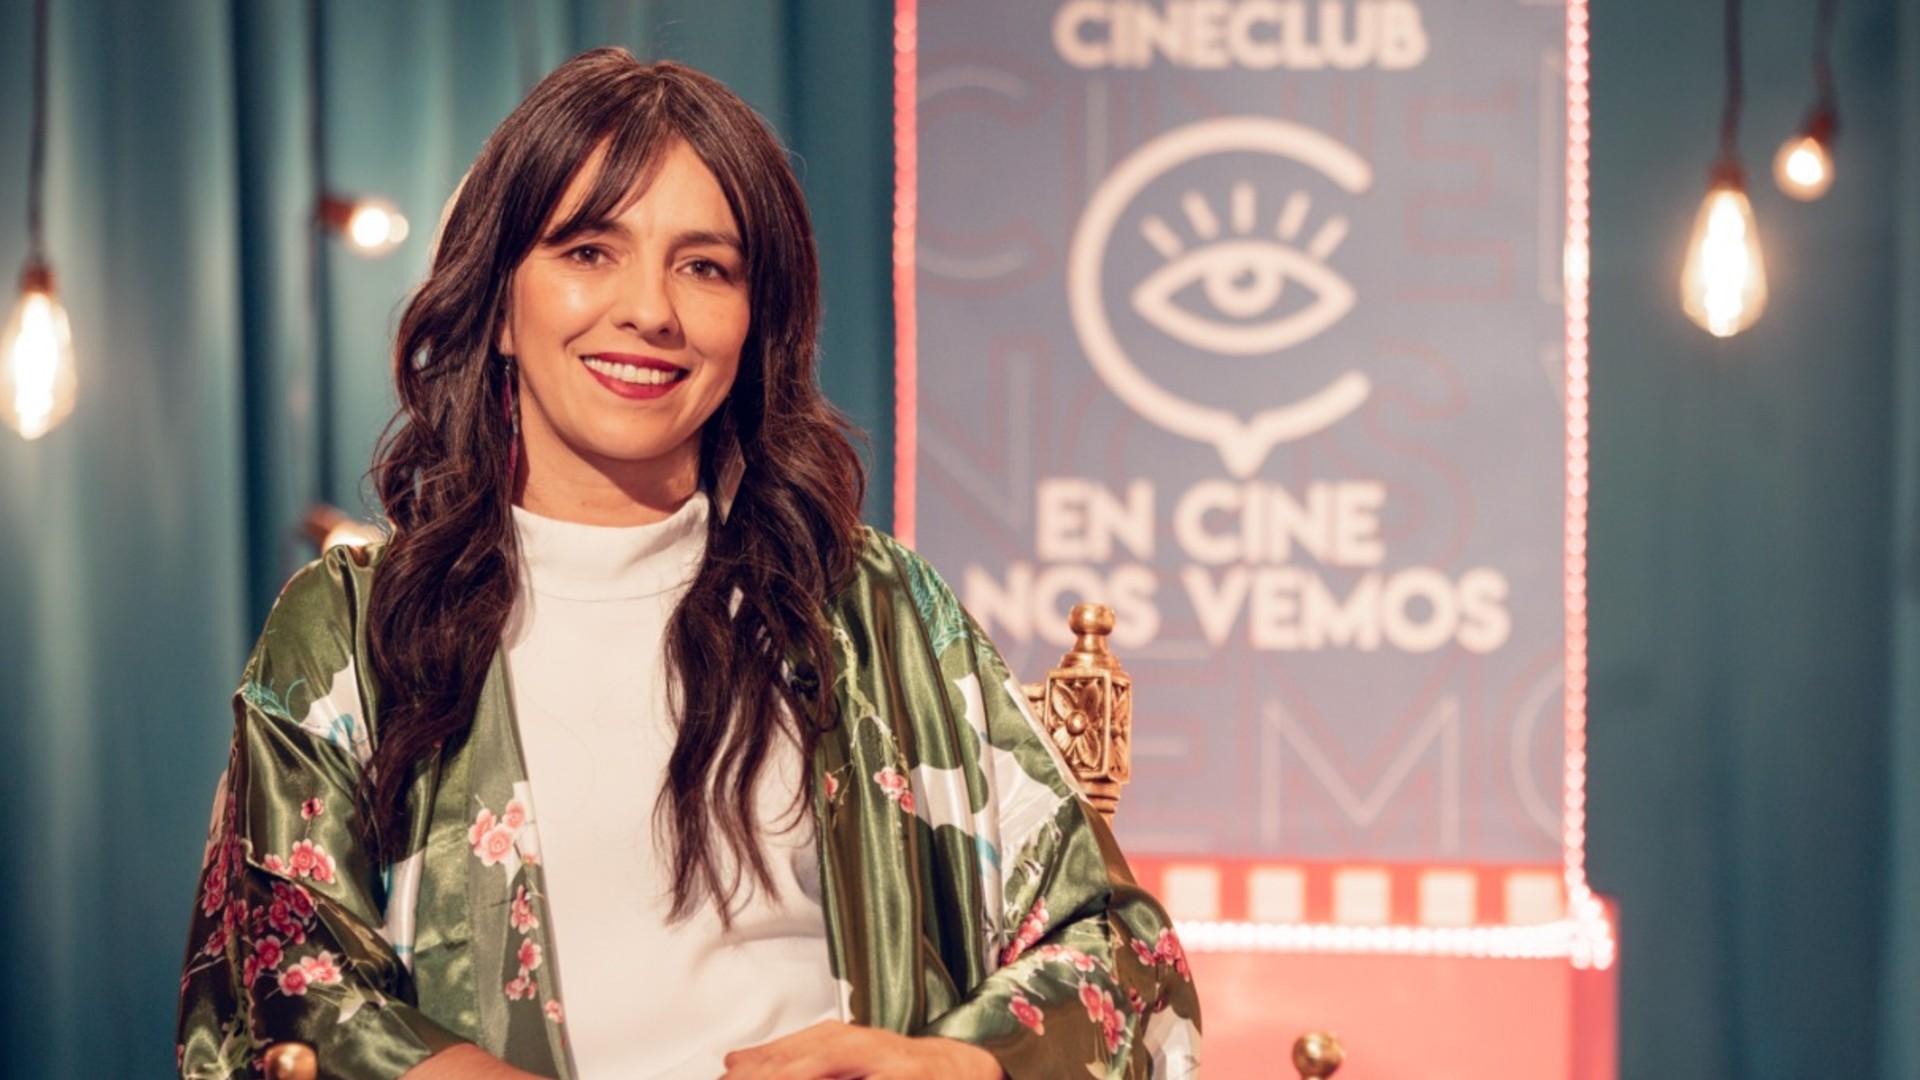 Diana Rico presentadora Cineclub en Cine nos vemos de Señal Colombia